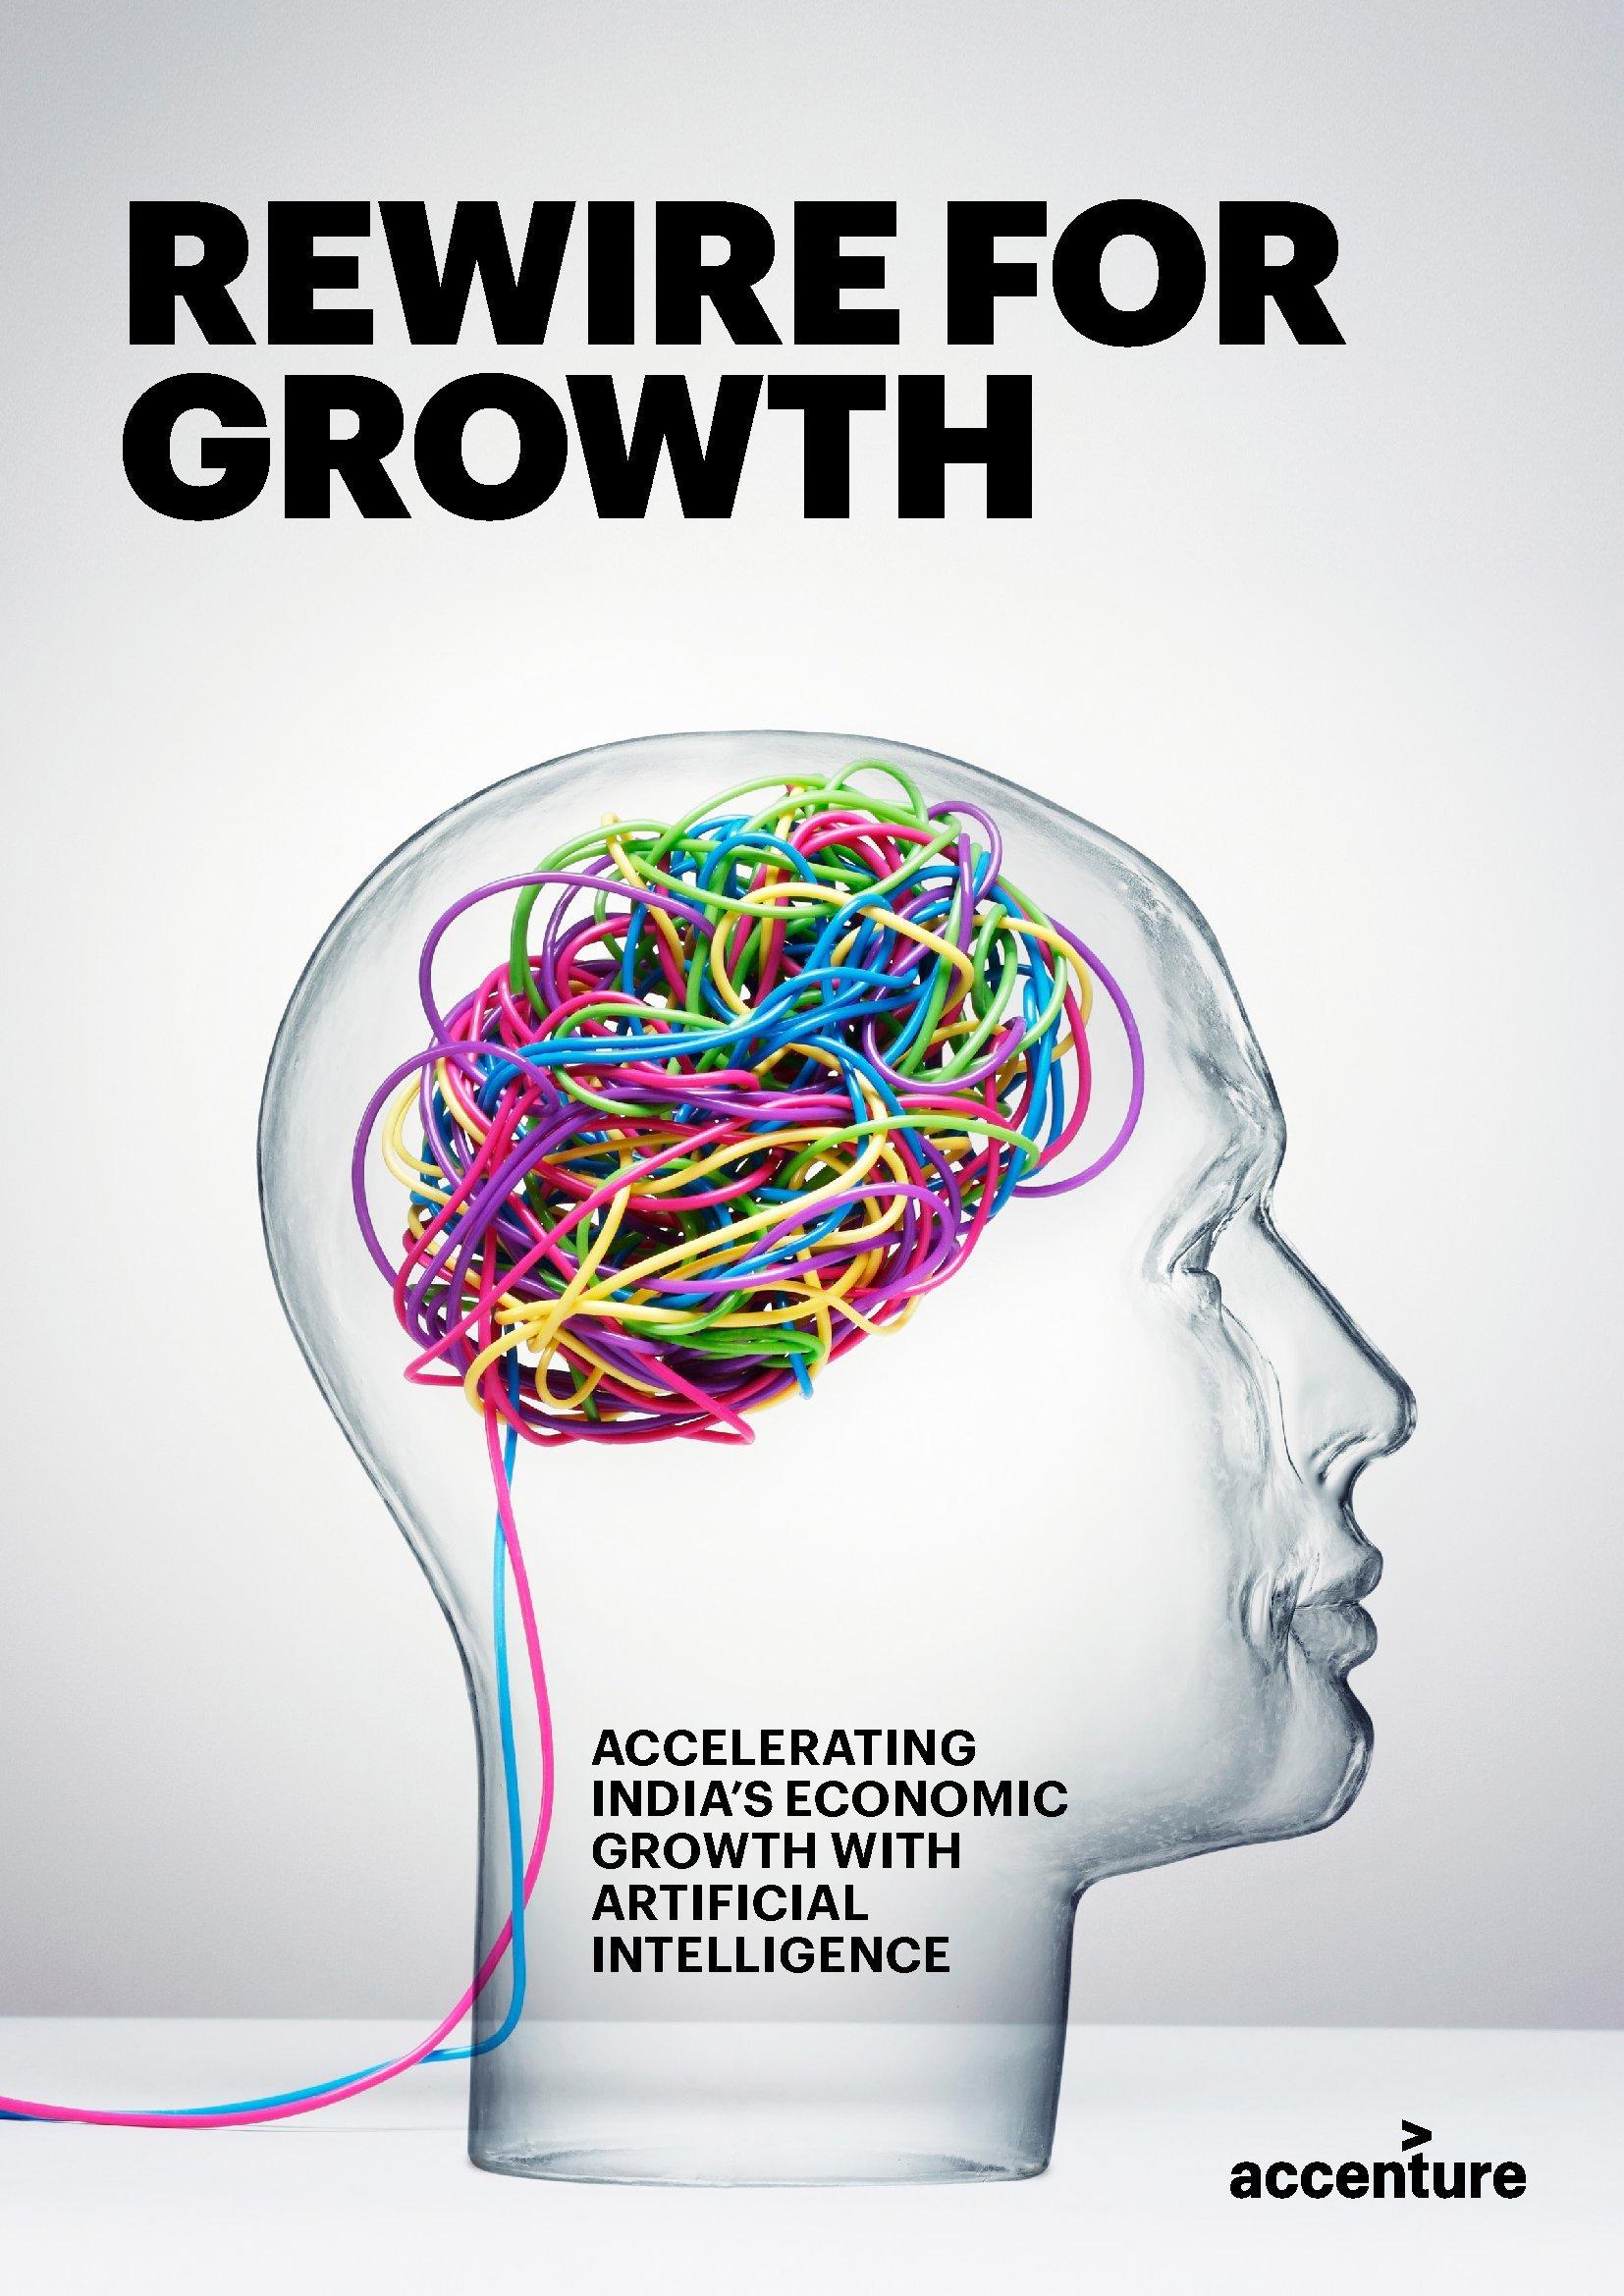 埃森哲:印度经济增长与人工智能